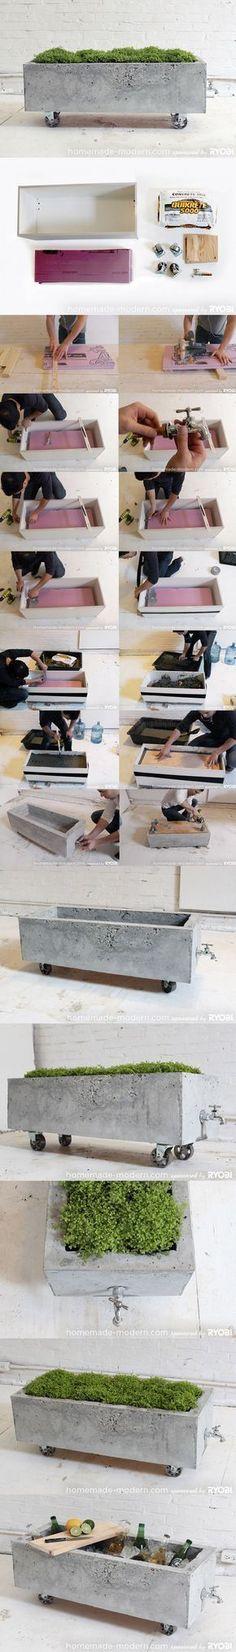 41 Super ideas for garden furniture concrete planters Concrete Crafts, Concrete Art, Concrete Projects, Concrete Design, Concrete Planters, Wall Planters, Succulent Planters, Concrete Garden, Succulents Garden